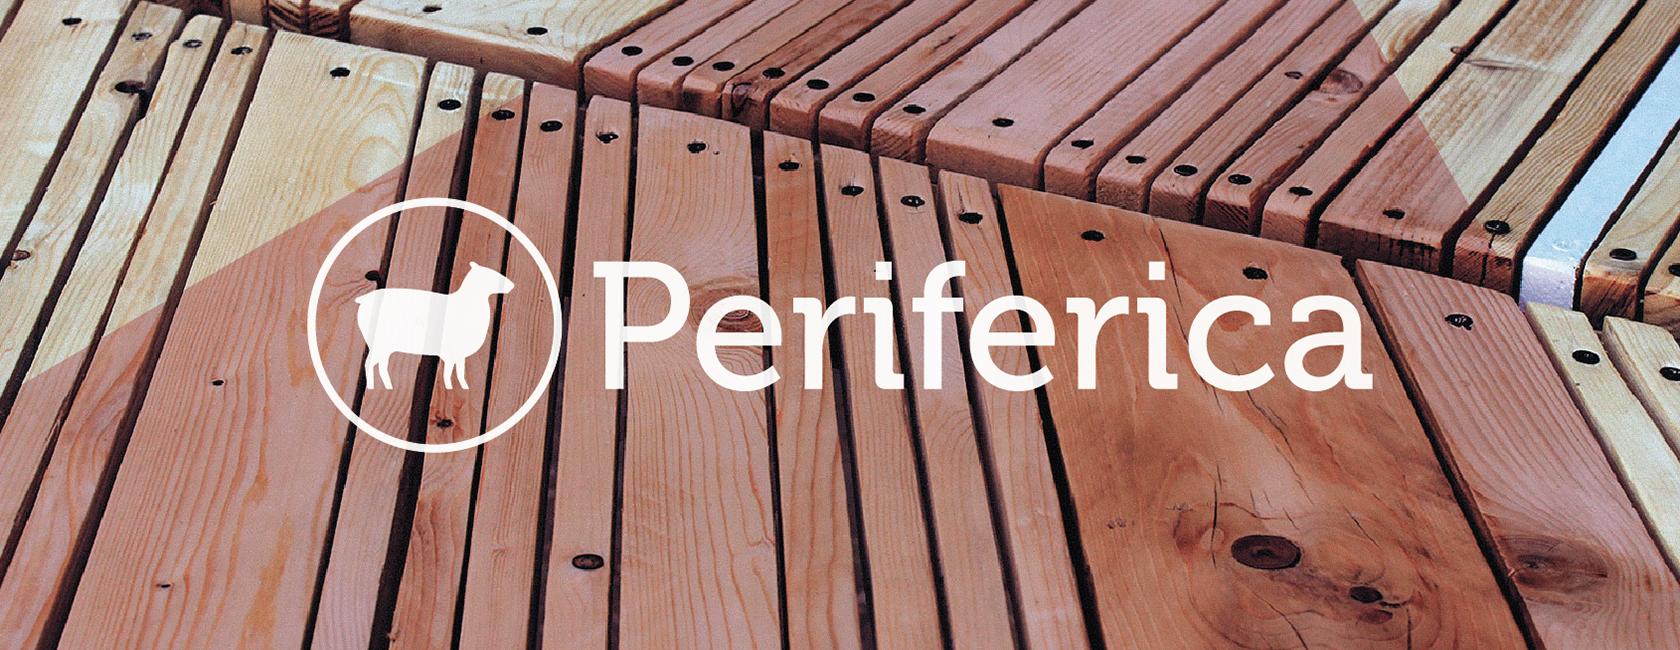 Rebranding Periferica_Copertina